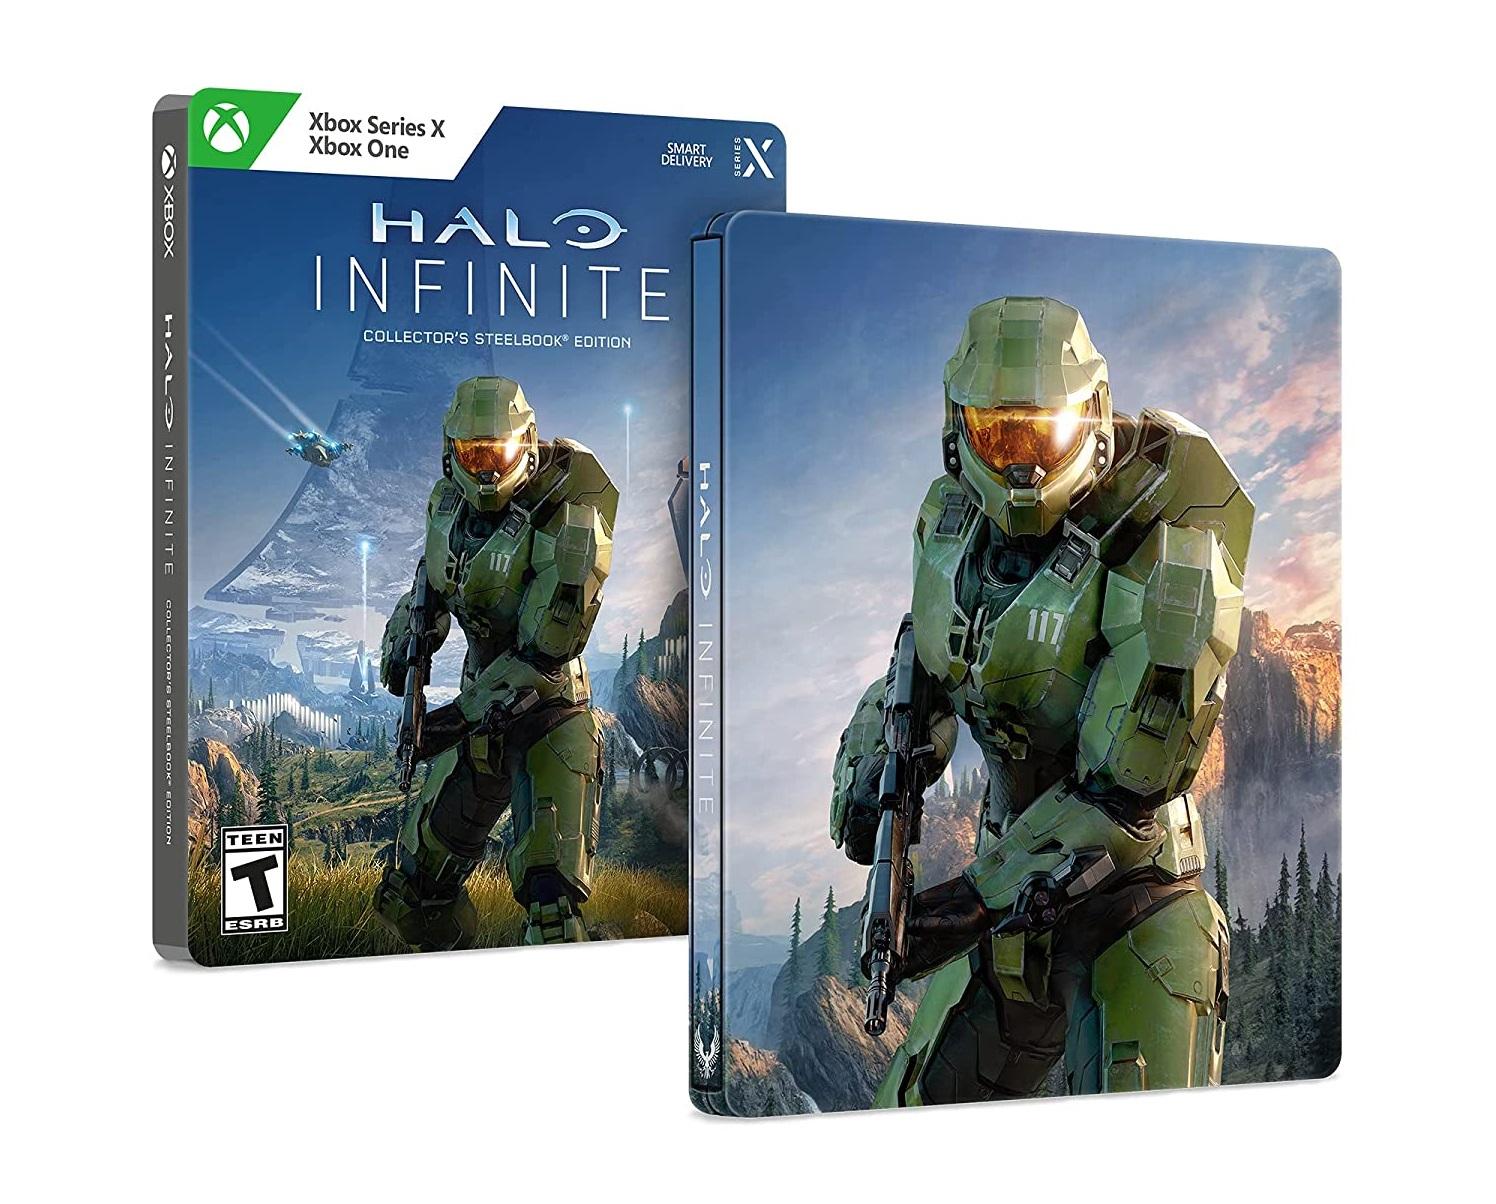 Halo-infinite-steelbook-1.jpg